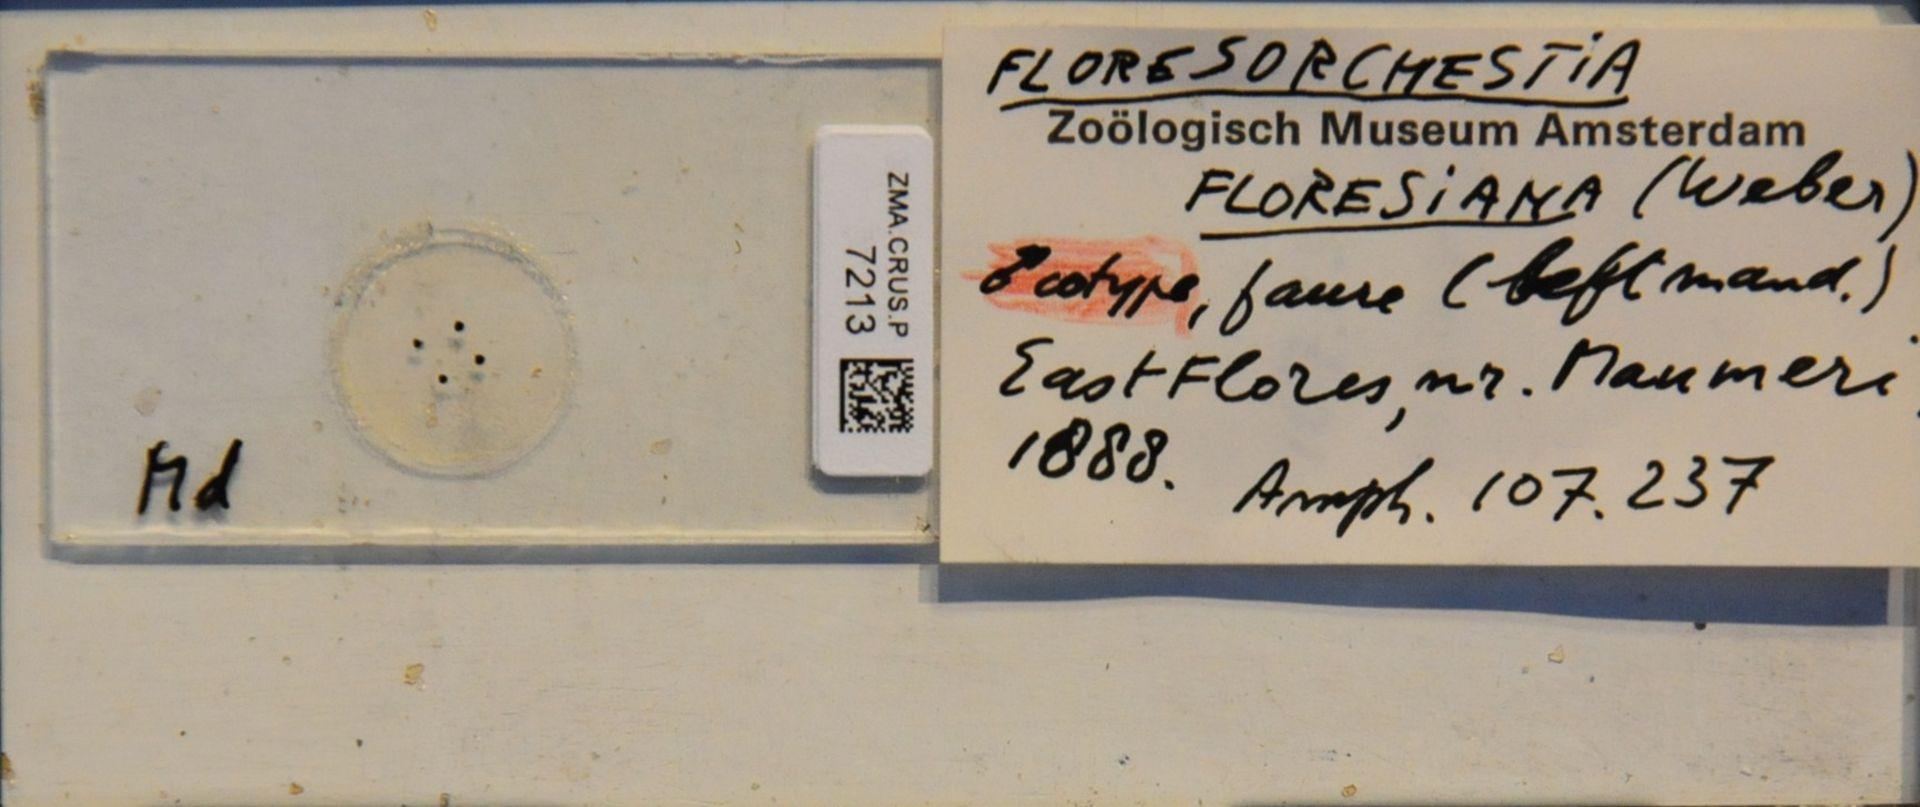 ZMA.CRUS.P.7213 | Floresorchestia floresiana (Weber, 1892)